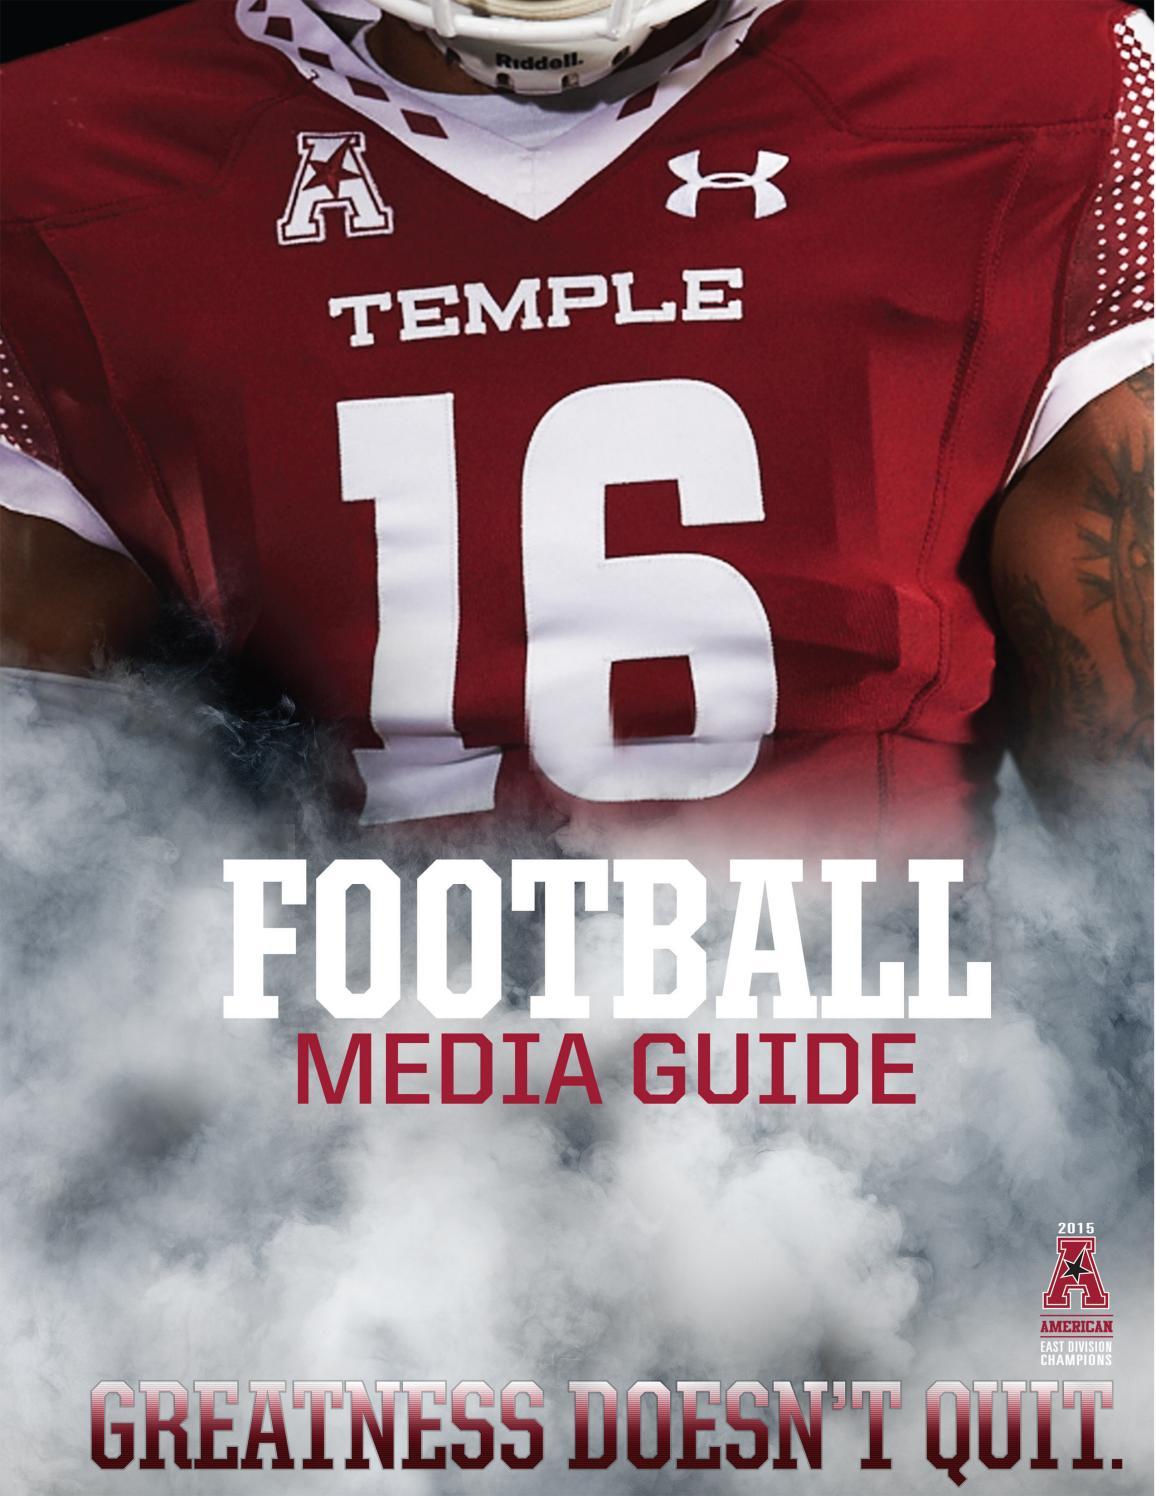 b4ab2ea22 2016 Temple Football Media Guide by Temple Athletics - issuu